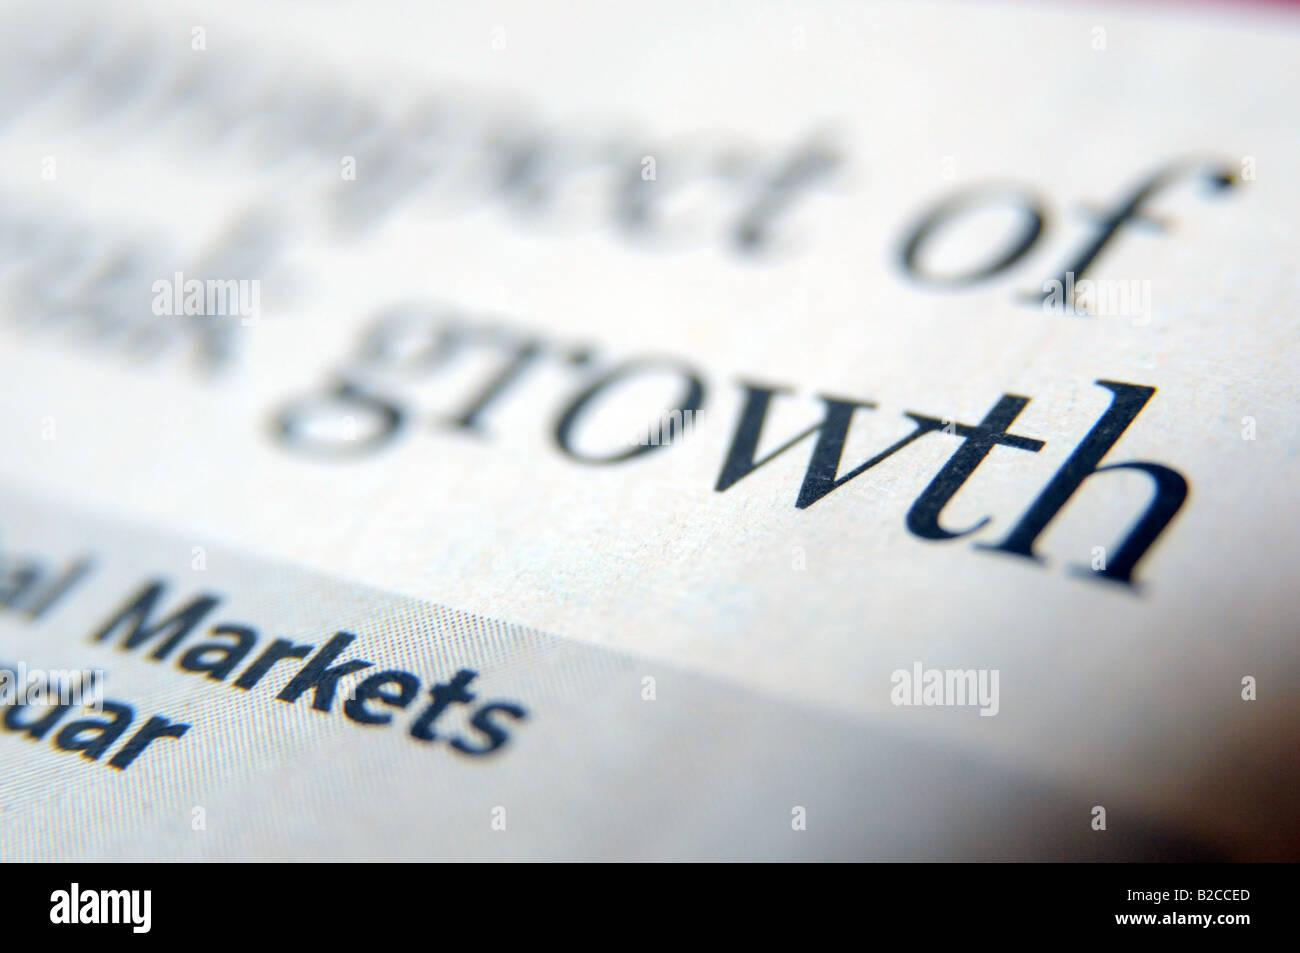 Foto von Schlagzeile über die Credit Crunch und Investor wirtschaftlichen Aufschwung und Wachstum in der Wirtschaft Stockbild